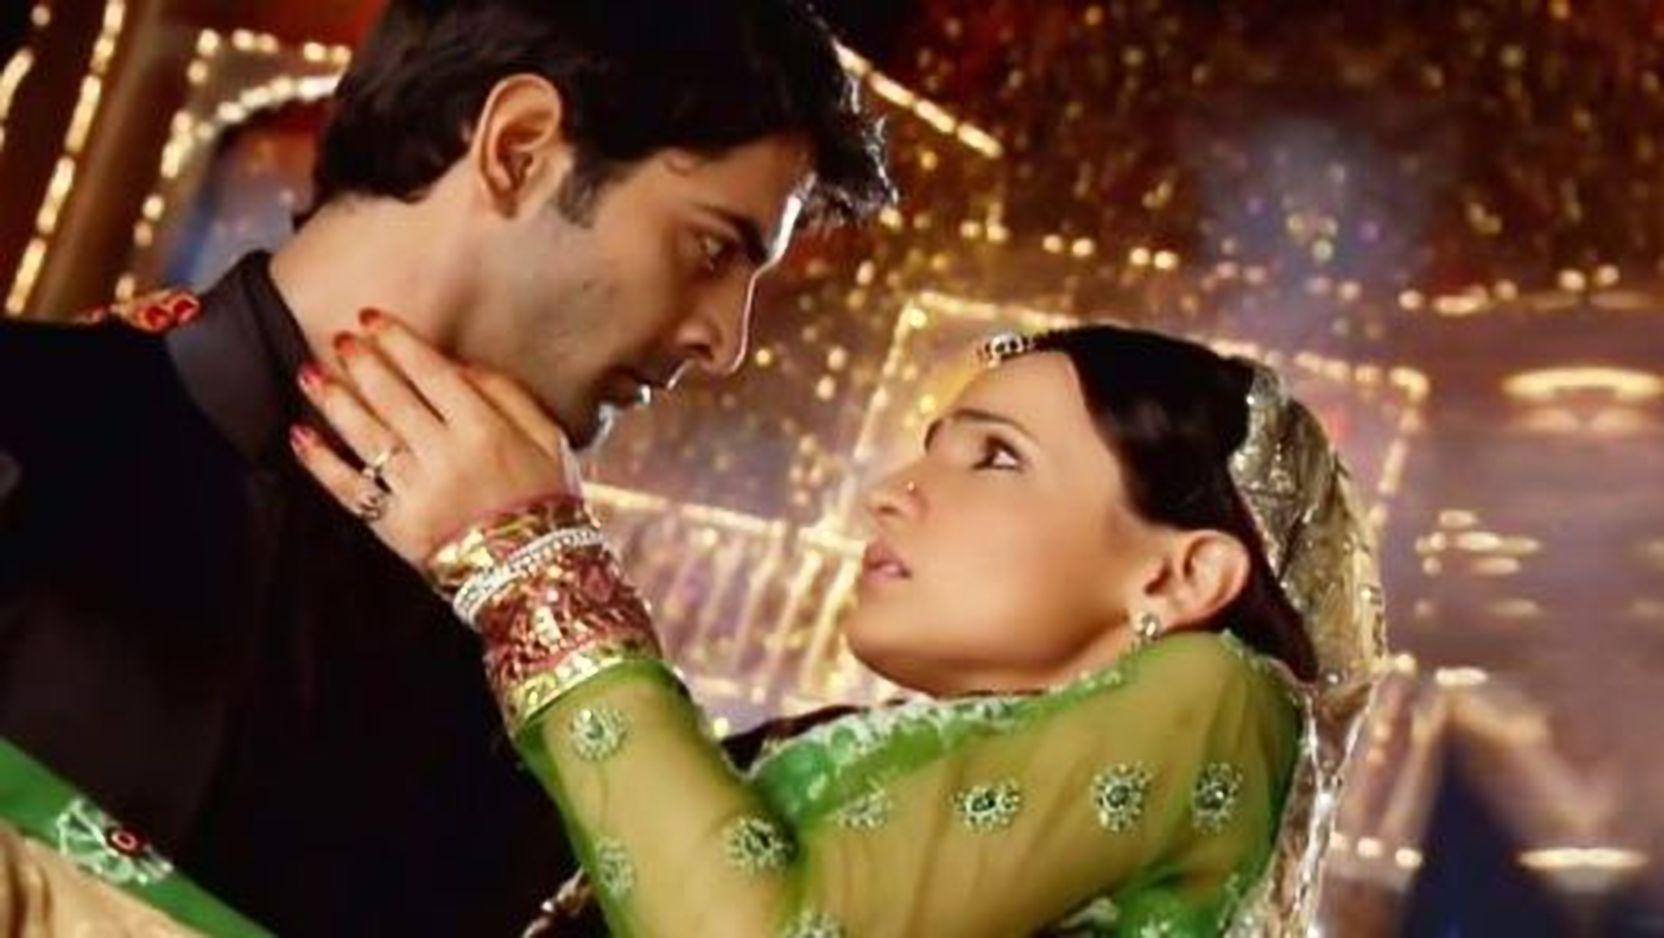 Sanaya Irani – Barun Sobti Unseen Romantic Moments From Iss Pyaar Ko Kya Naam Doon 2